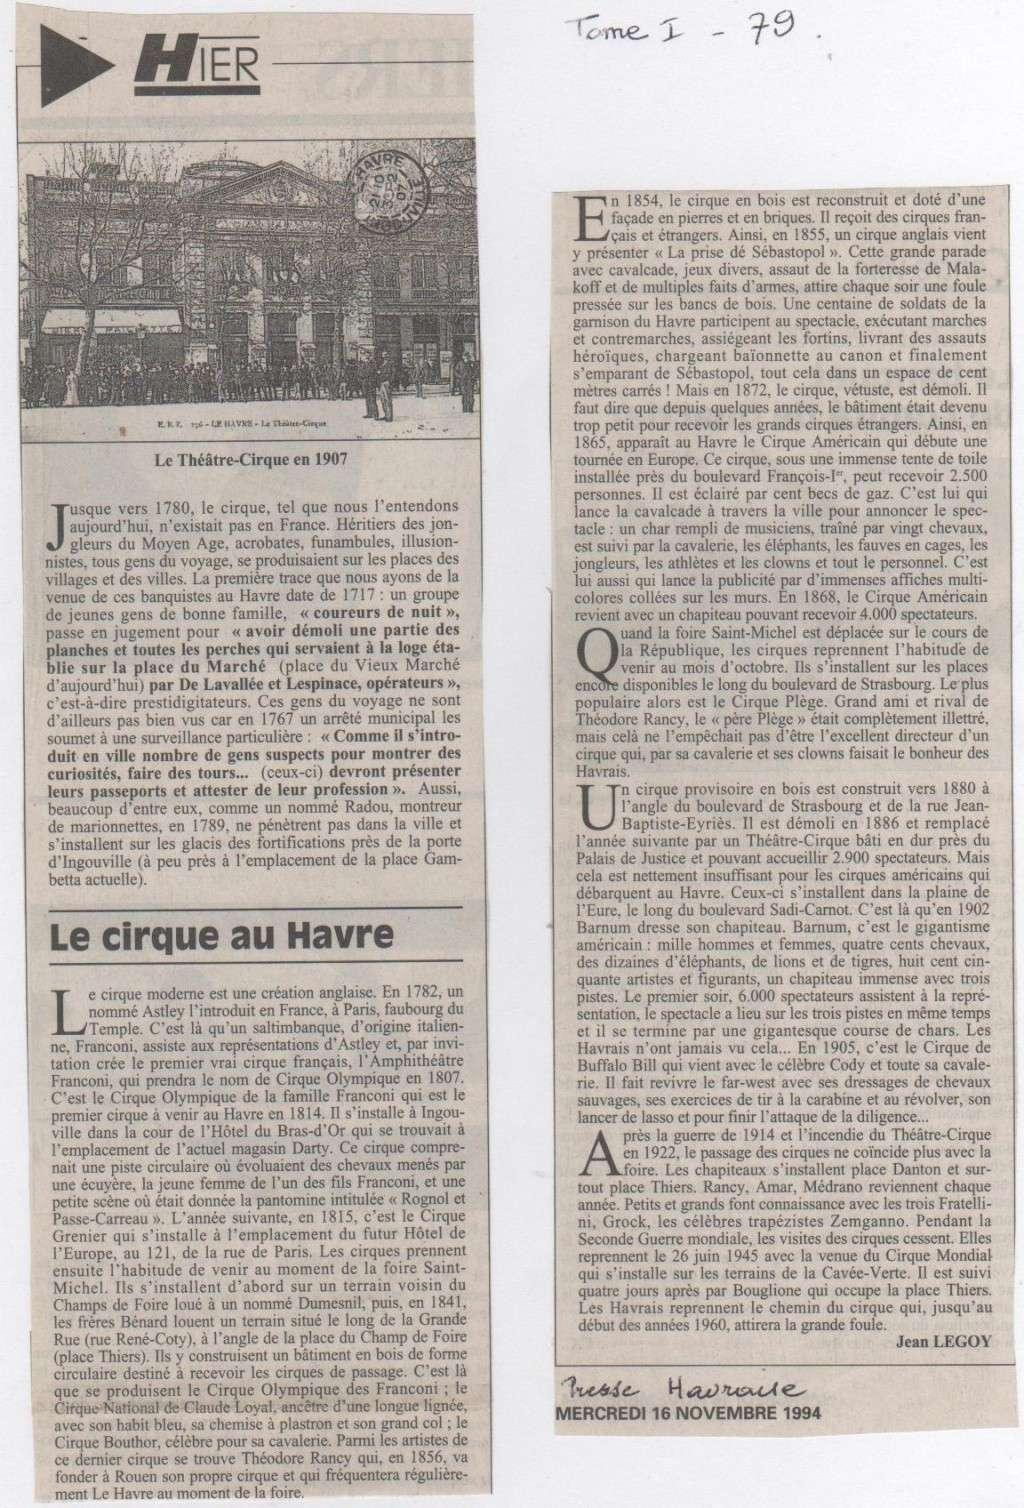 Cinémas et Théâtres de Jean LEGOY Jean_l58